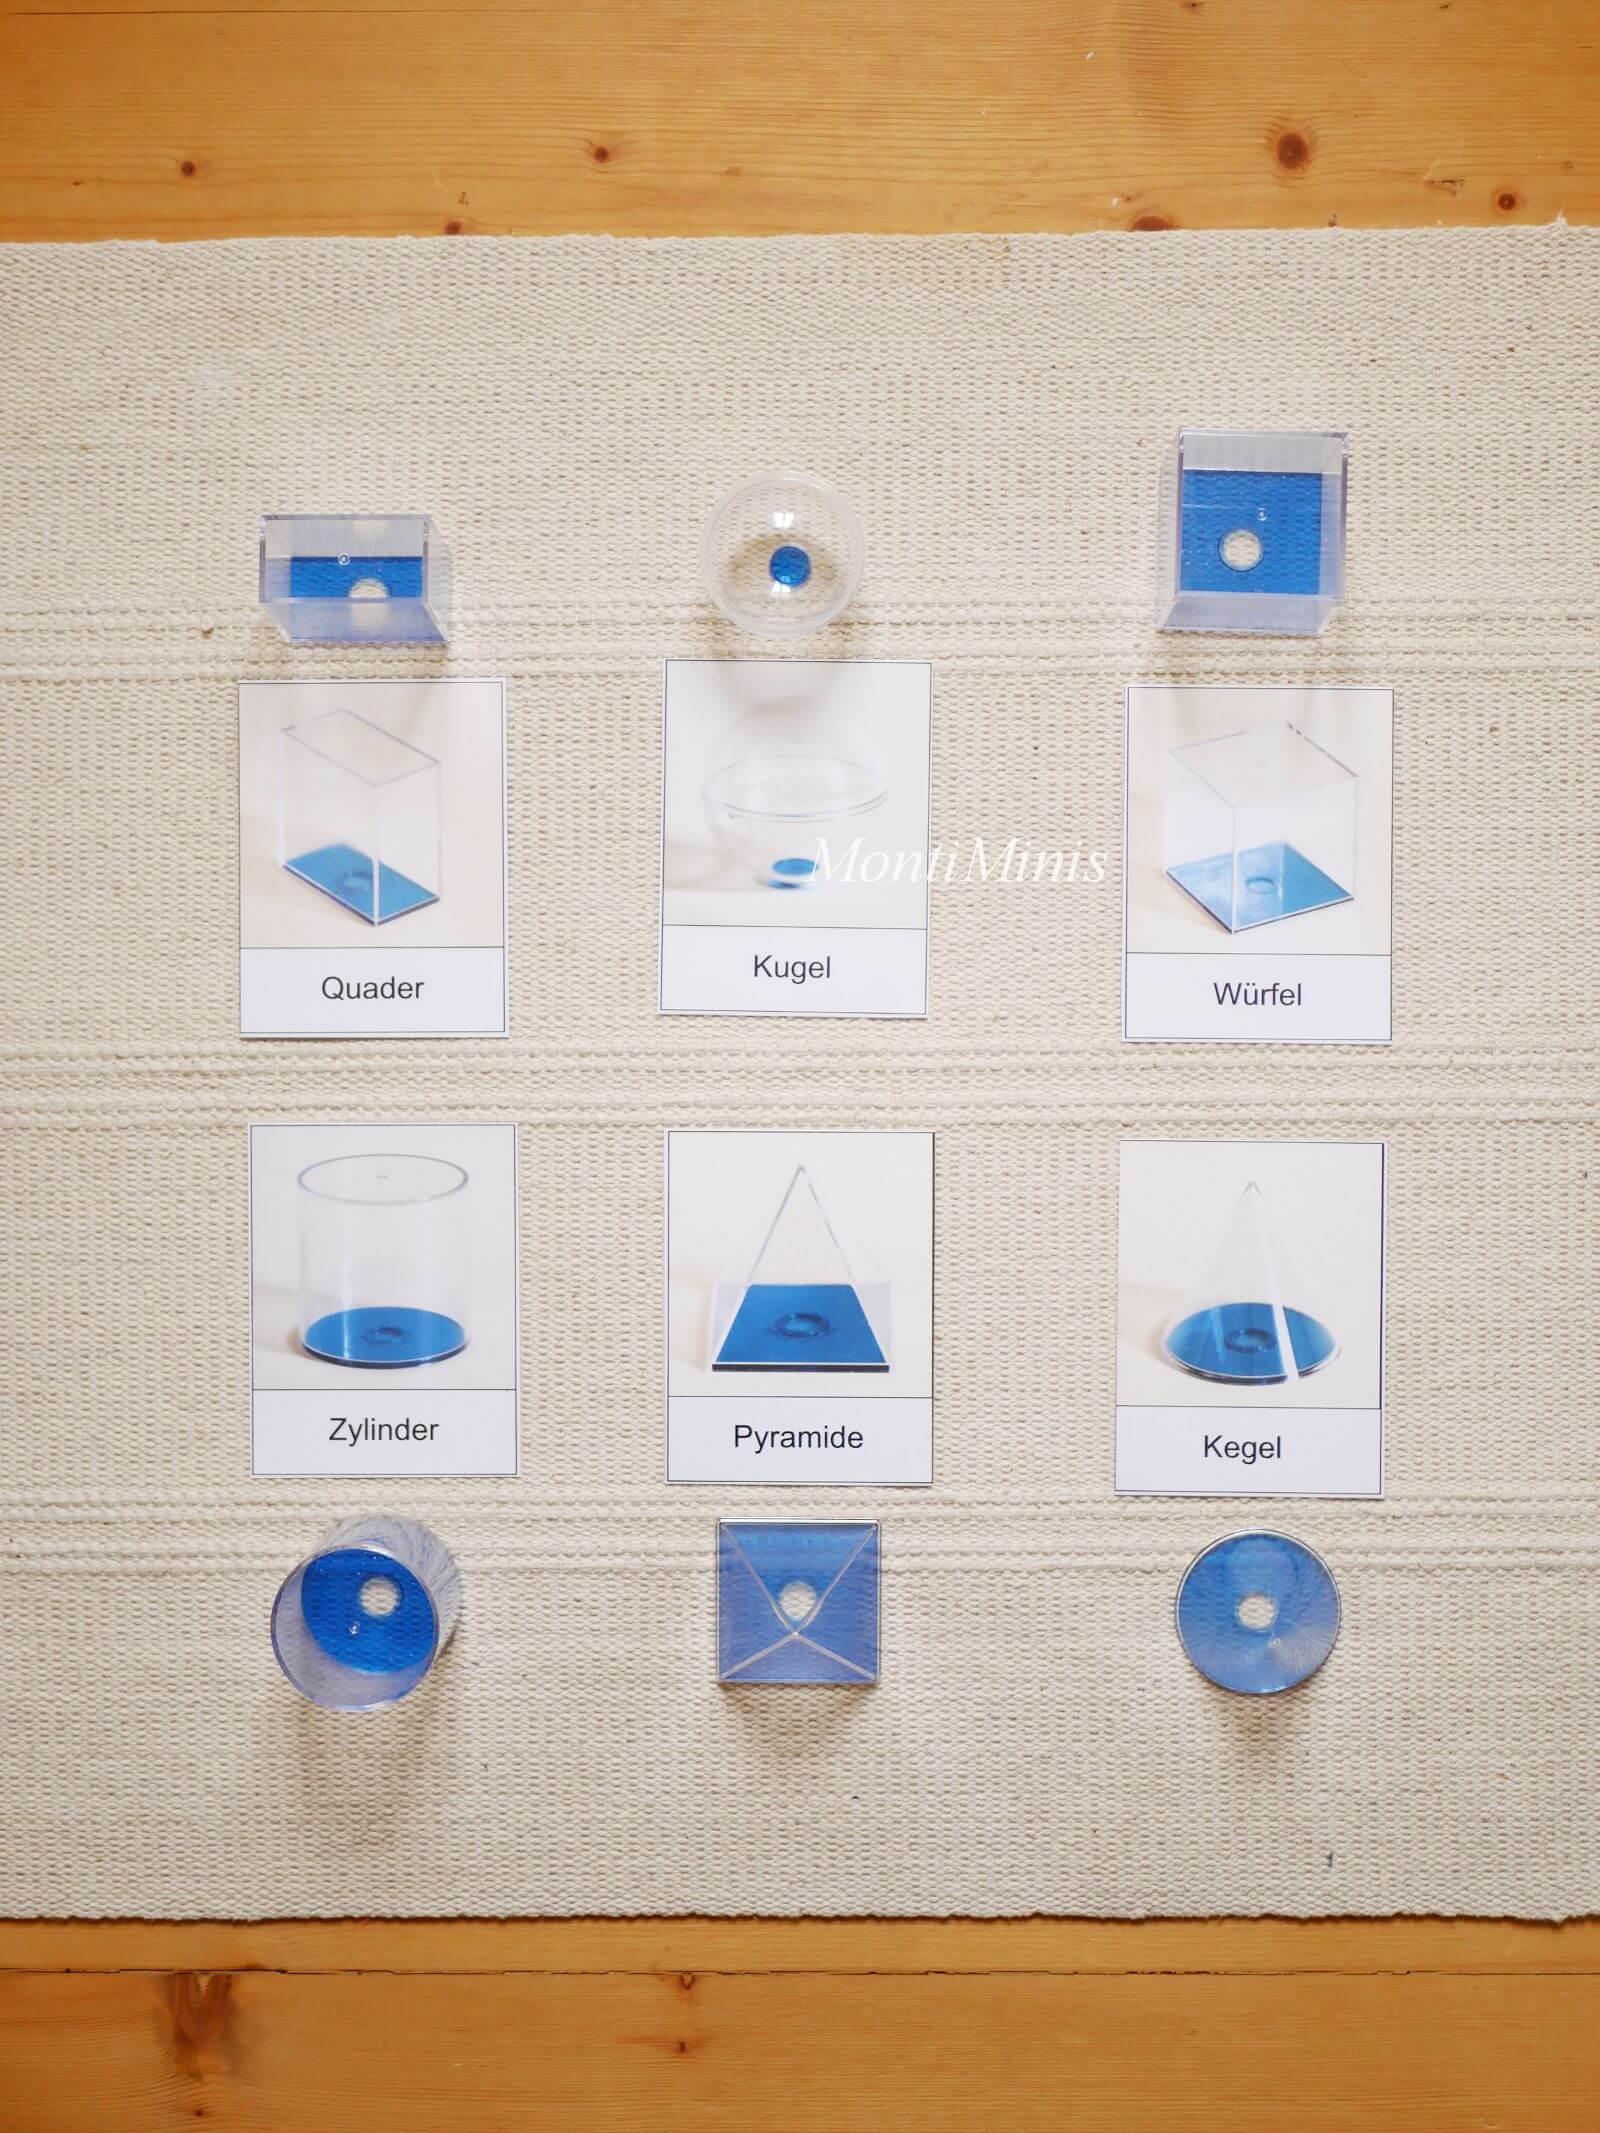 Mathematik-Aktionstablett: 3D-Geometrische Figuren-Mathe-Spielideen- Spielerisch lernen, Montessori Zuhause, Unterrichtsmaterial, Kindergarten, Vorschule & Grundschule- montiminis.com